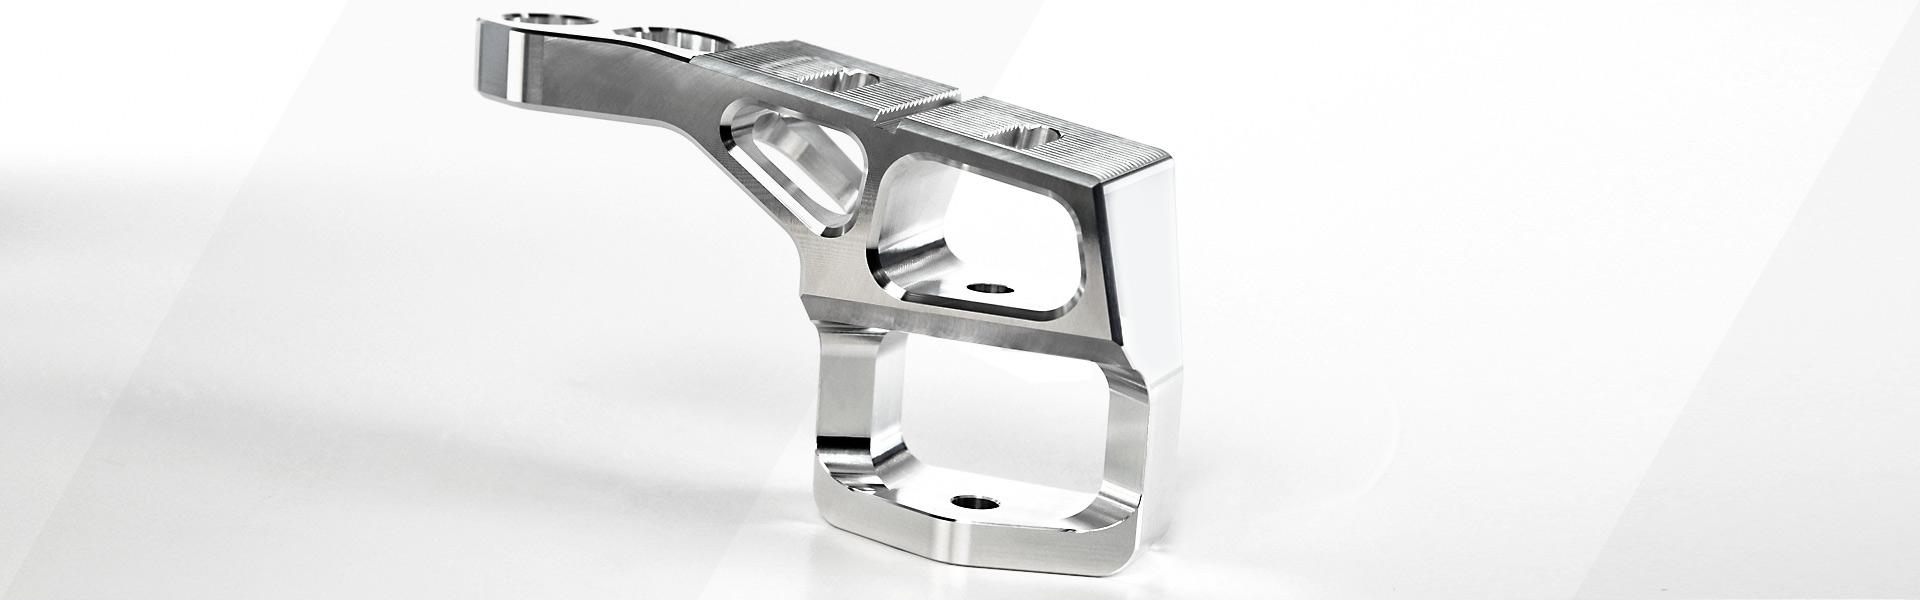 Figo-Tec GmbH